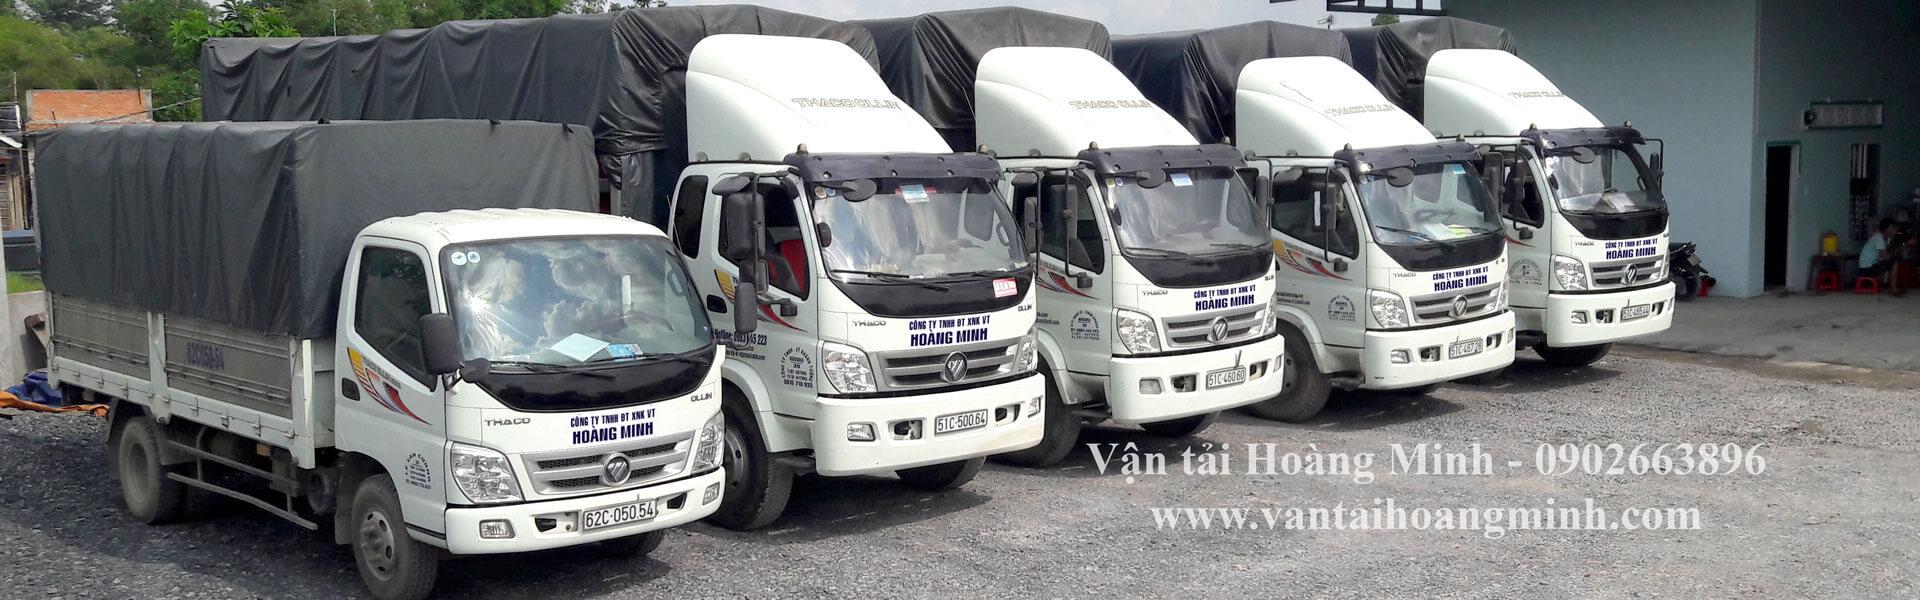 Vận tải Hoàng Minh